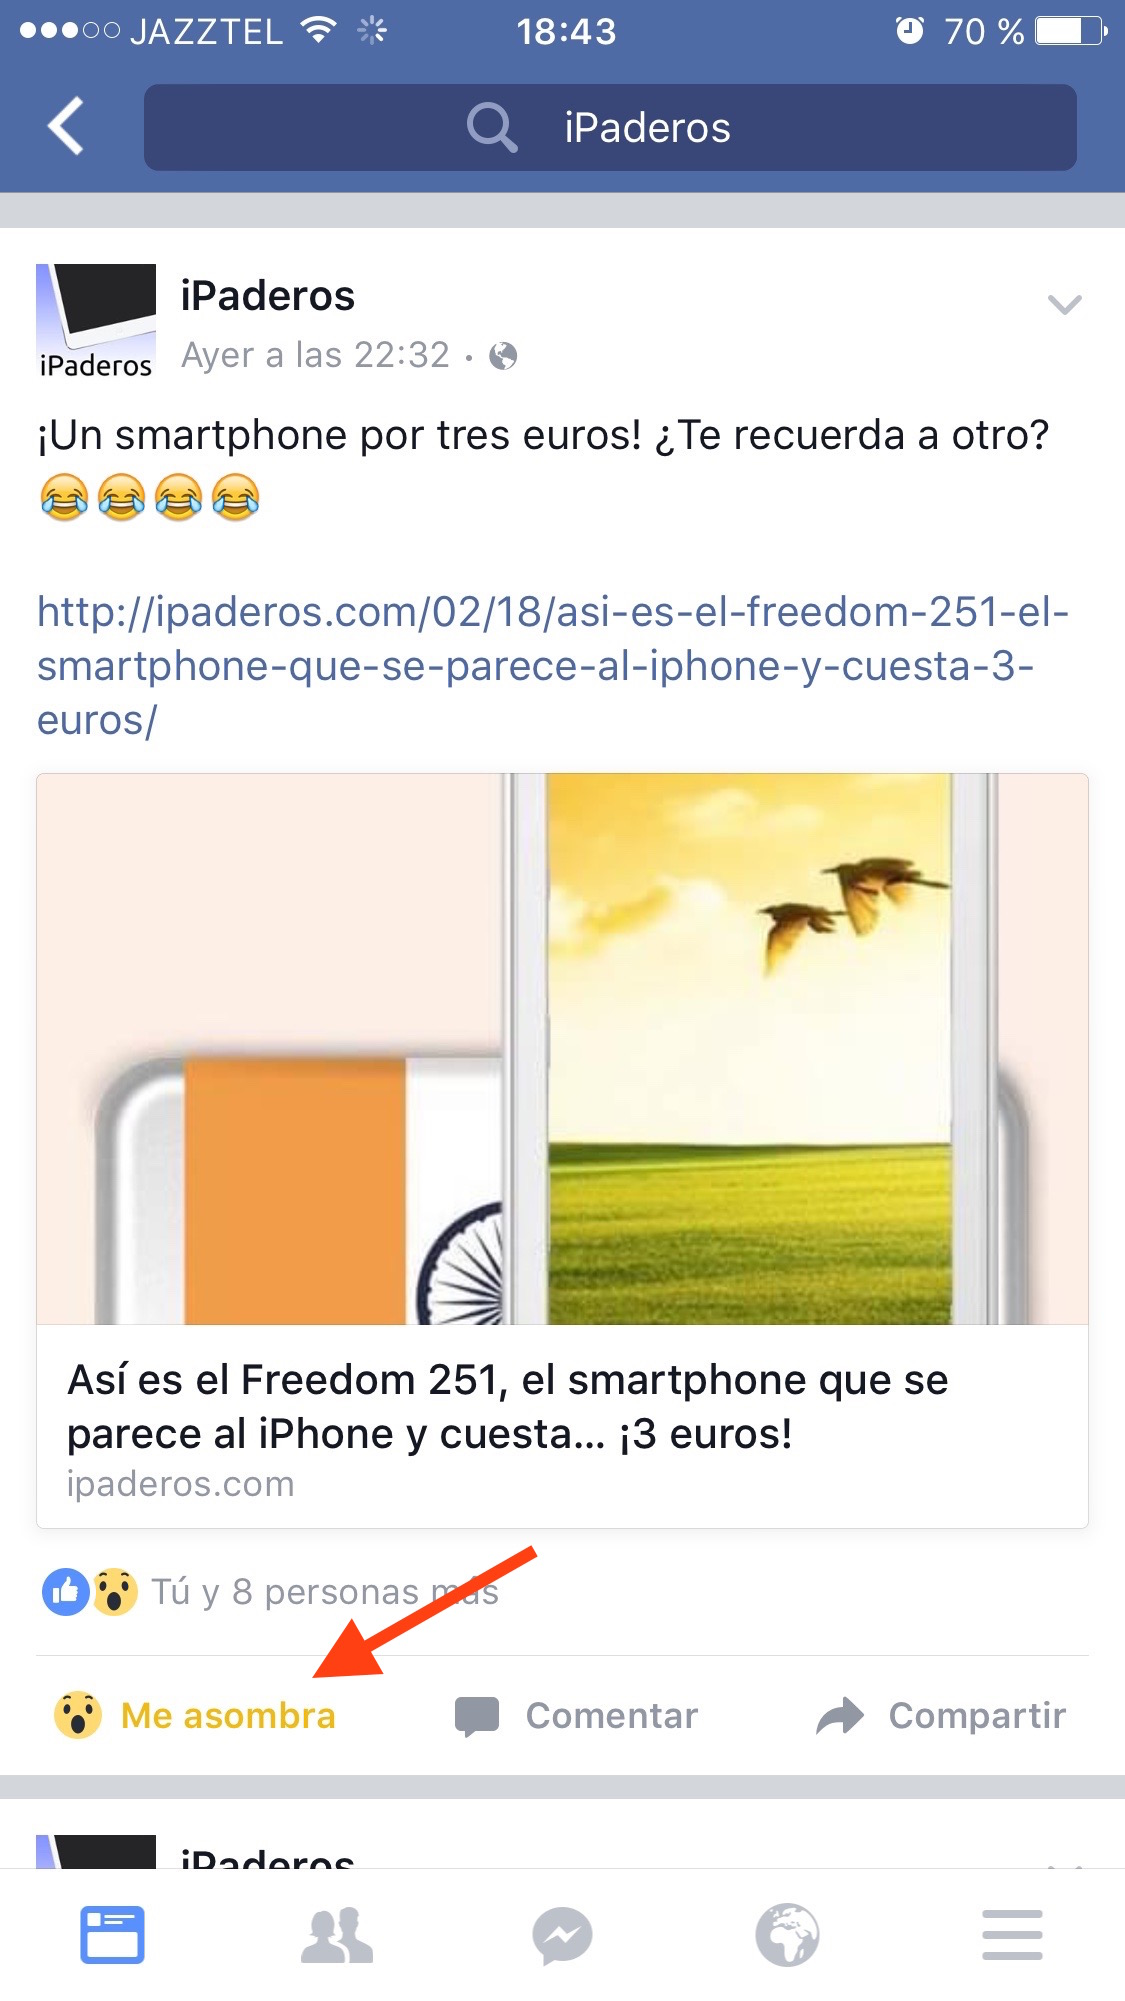 Reacción Facebook quitar reaccion